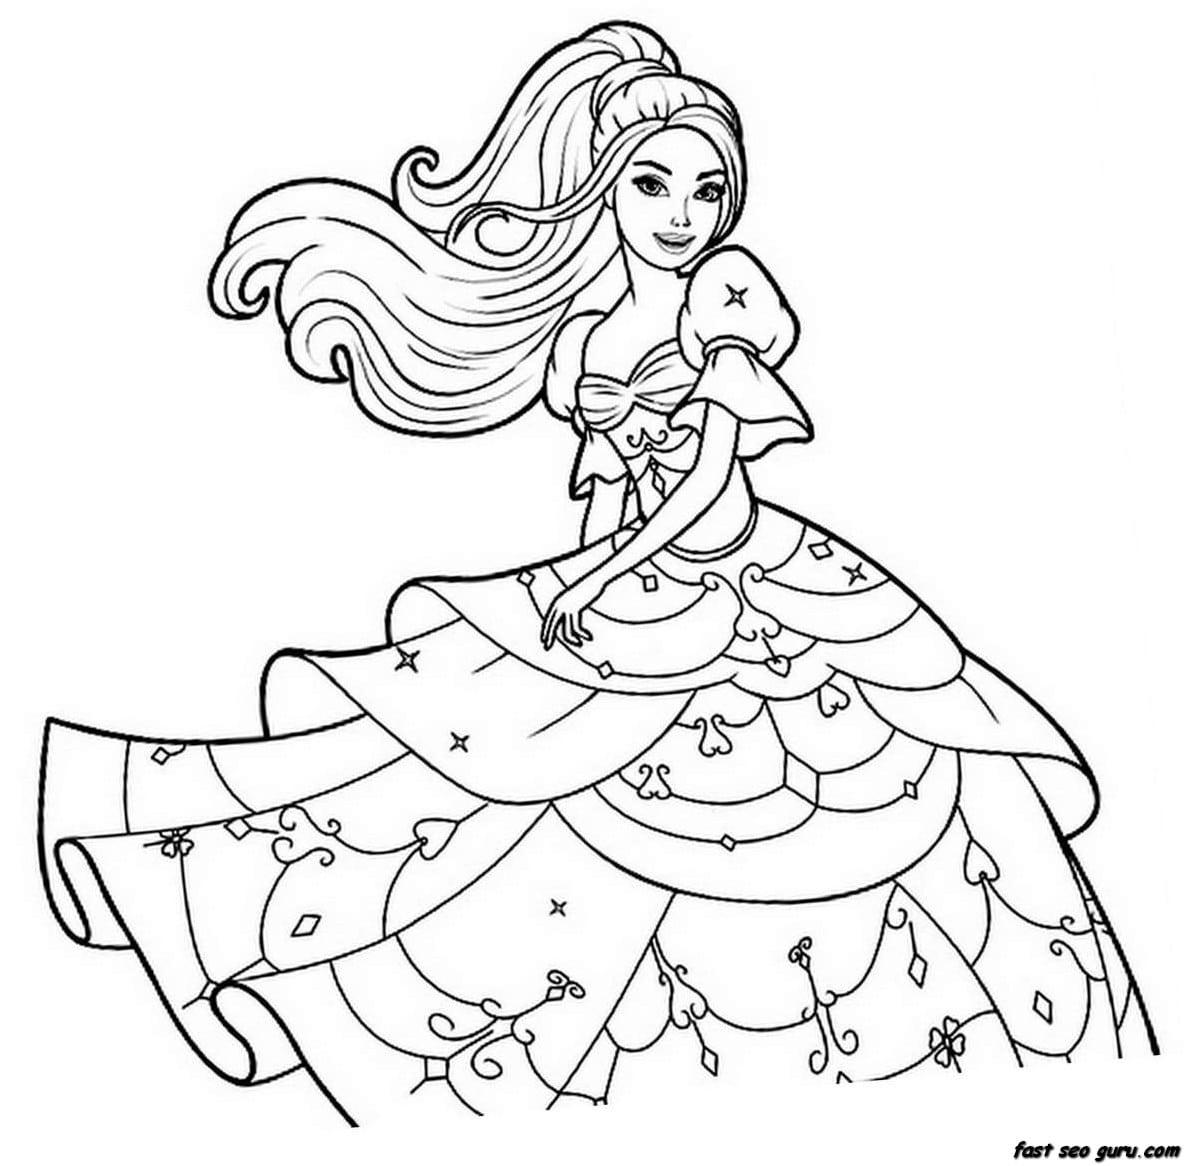 Desenhos Da Barbie Para Colorir E Imprimir – Pampekids Net